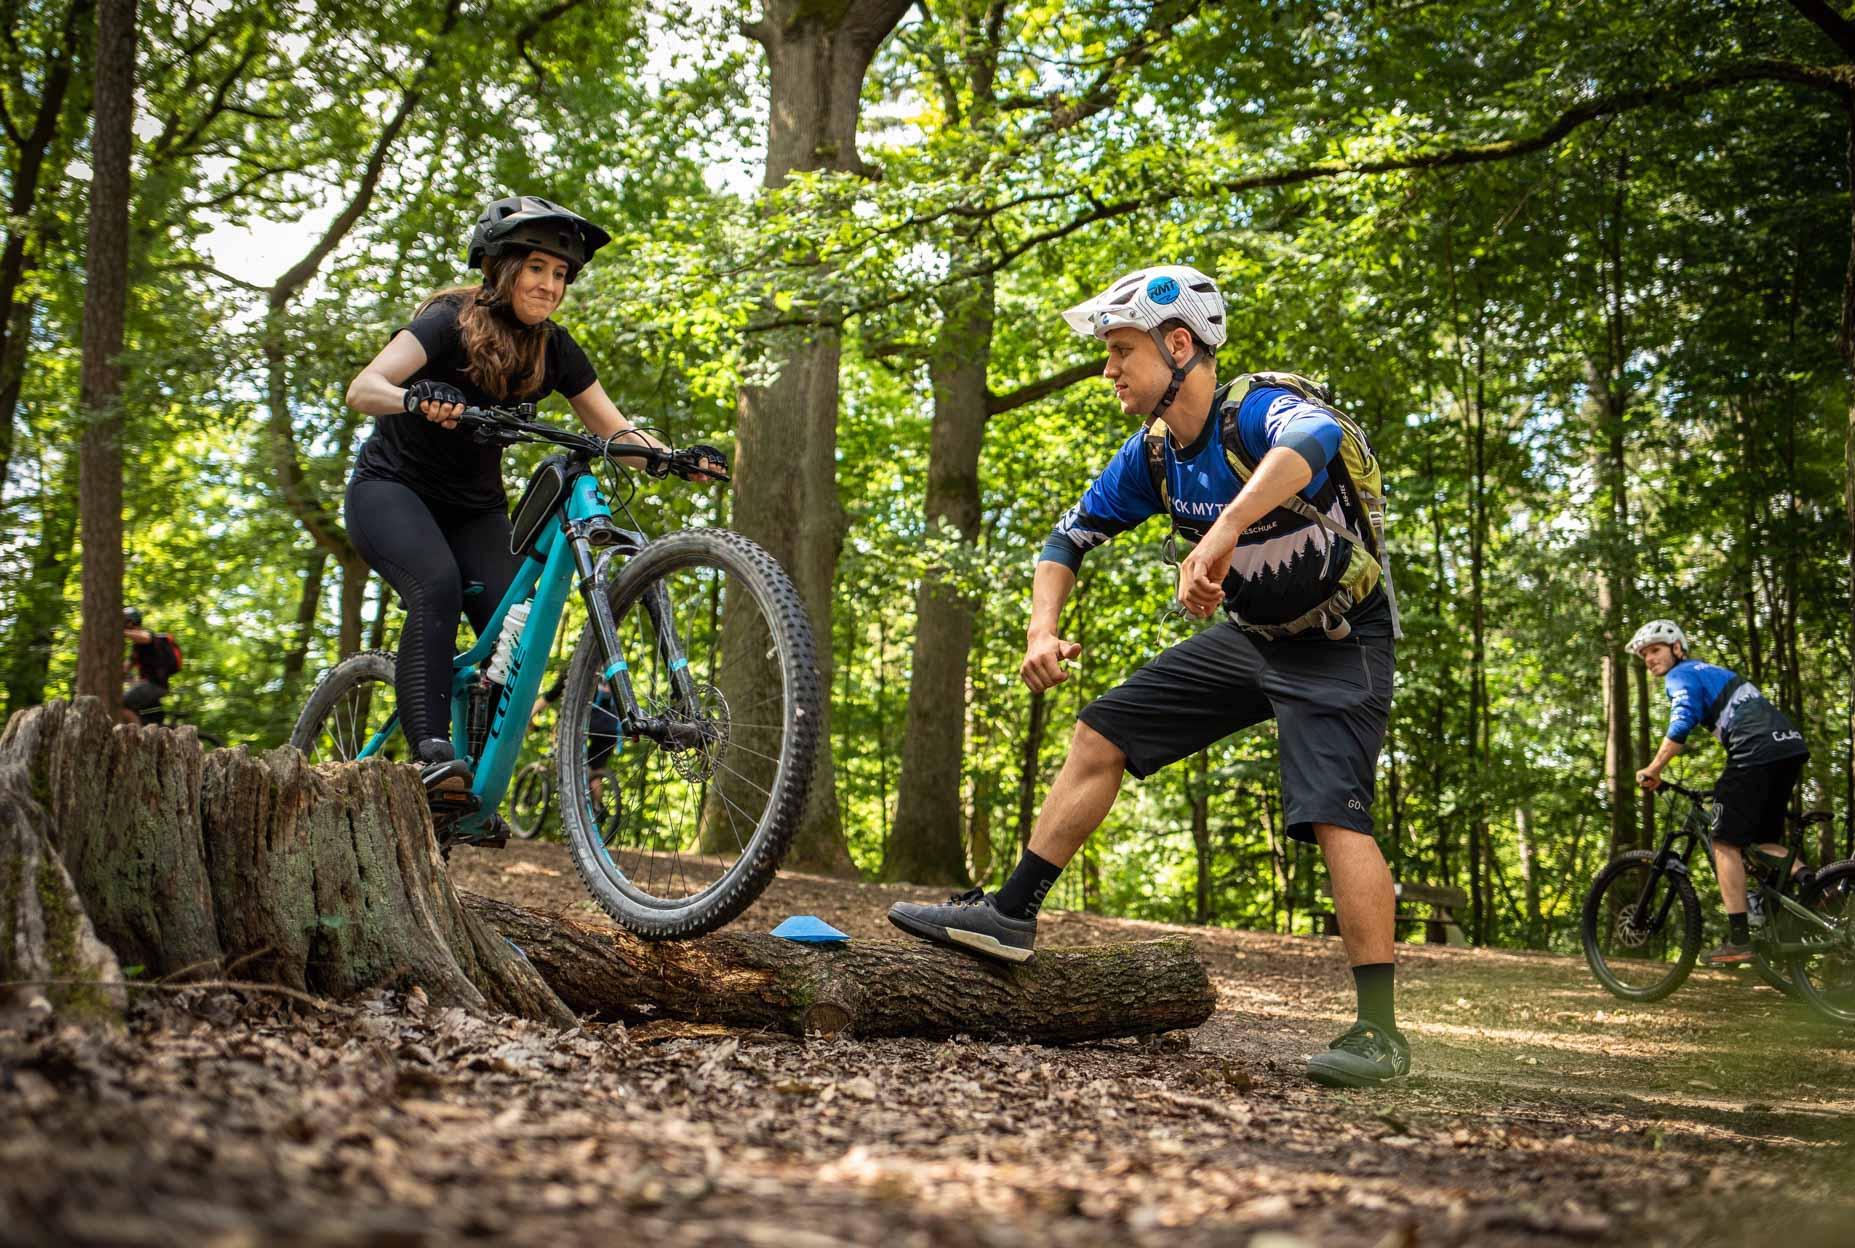 MTB Fahrtechnik Kurs für Einsteiger in Siegburg   Bonn - Mountainbike Basic - Rock my Trail Bikeschule - 1